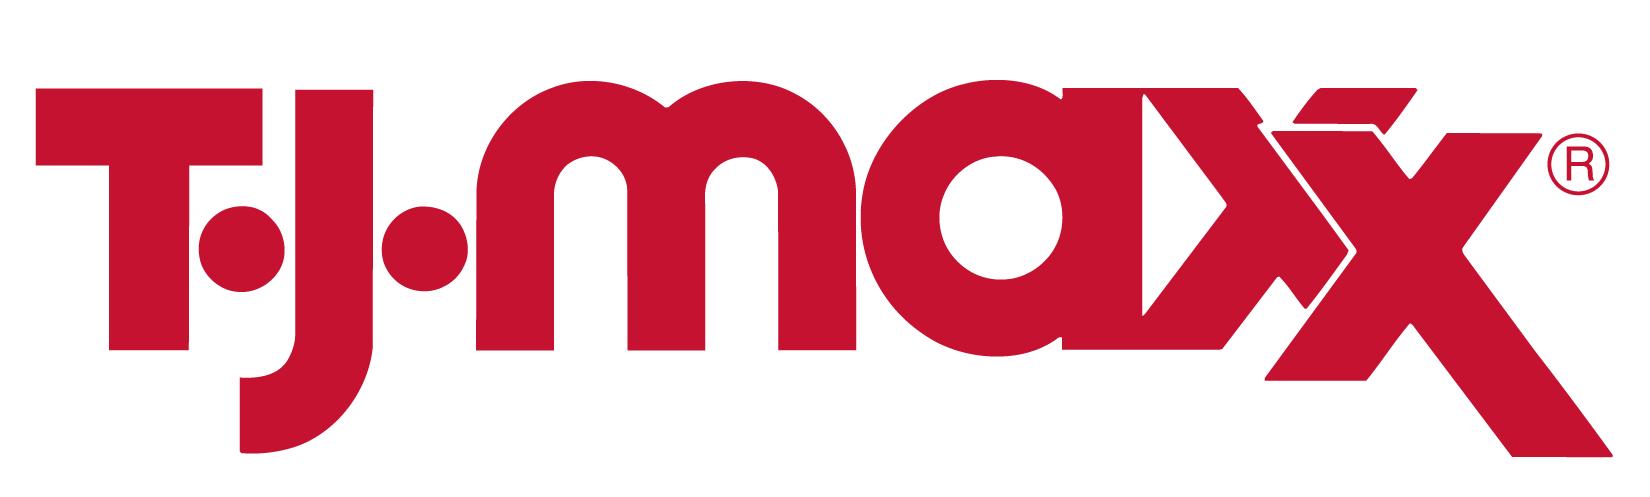 T.J.Maxx-Logo